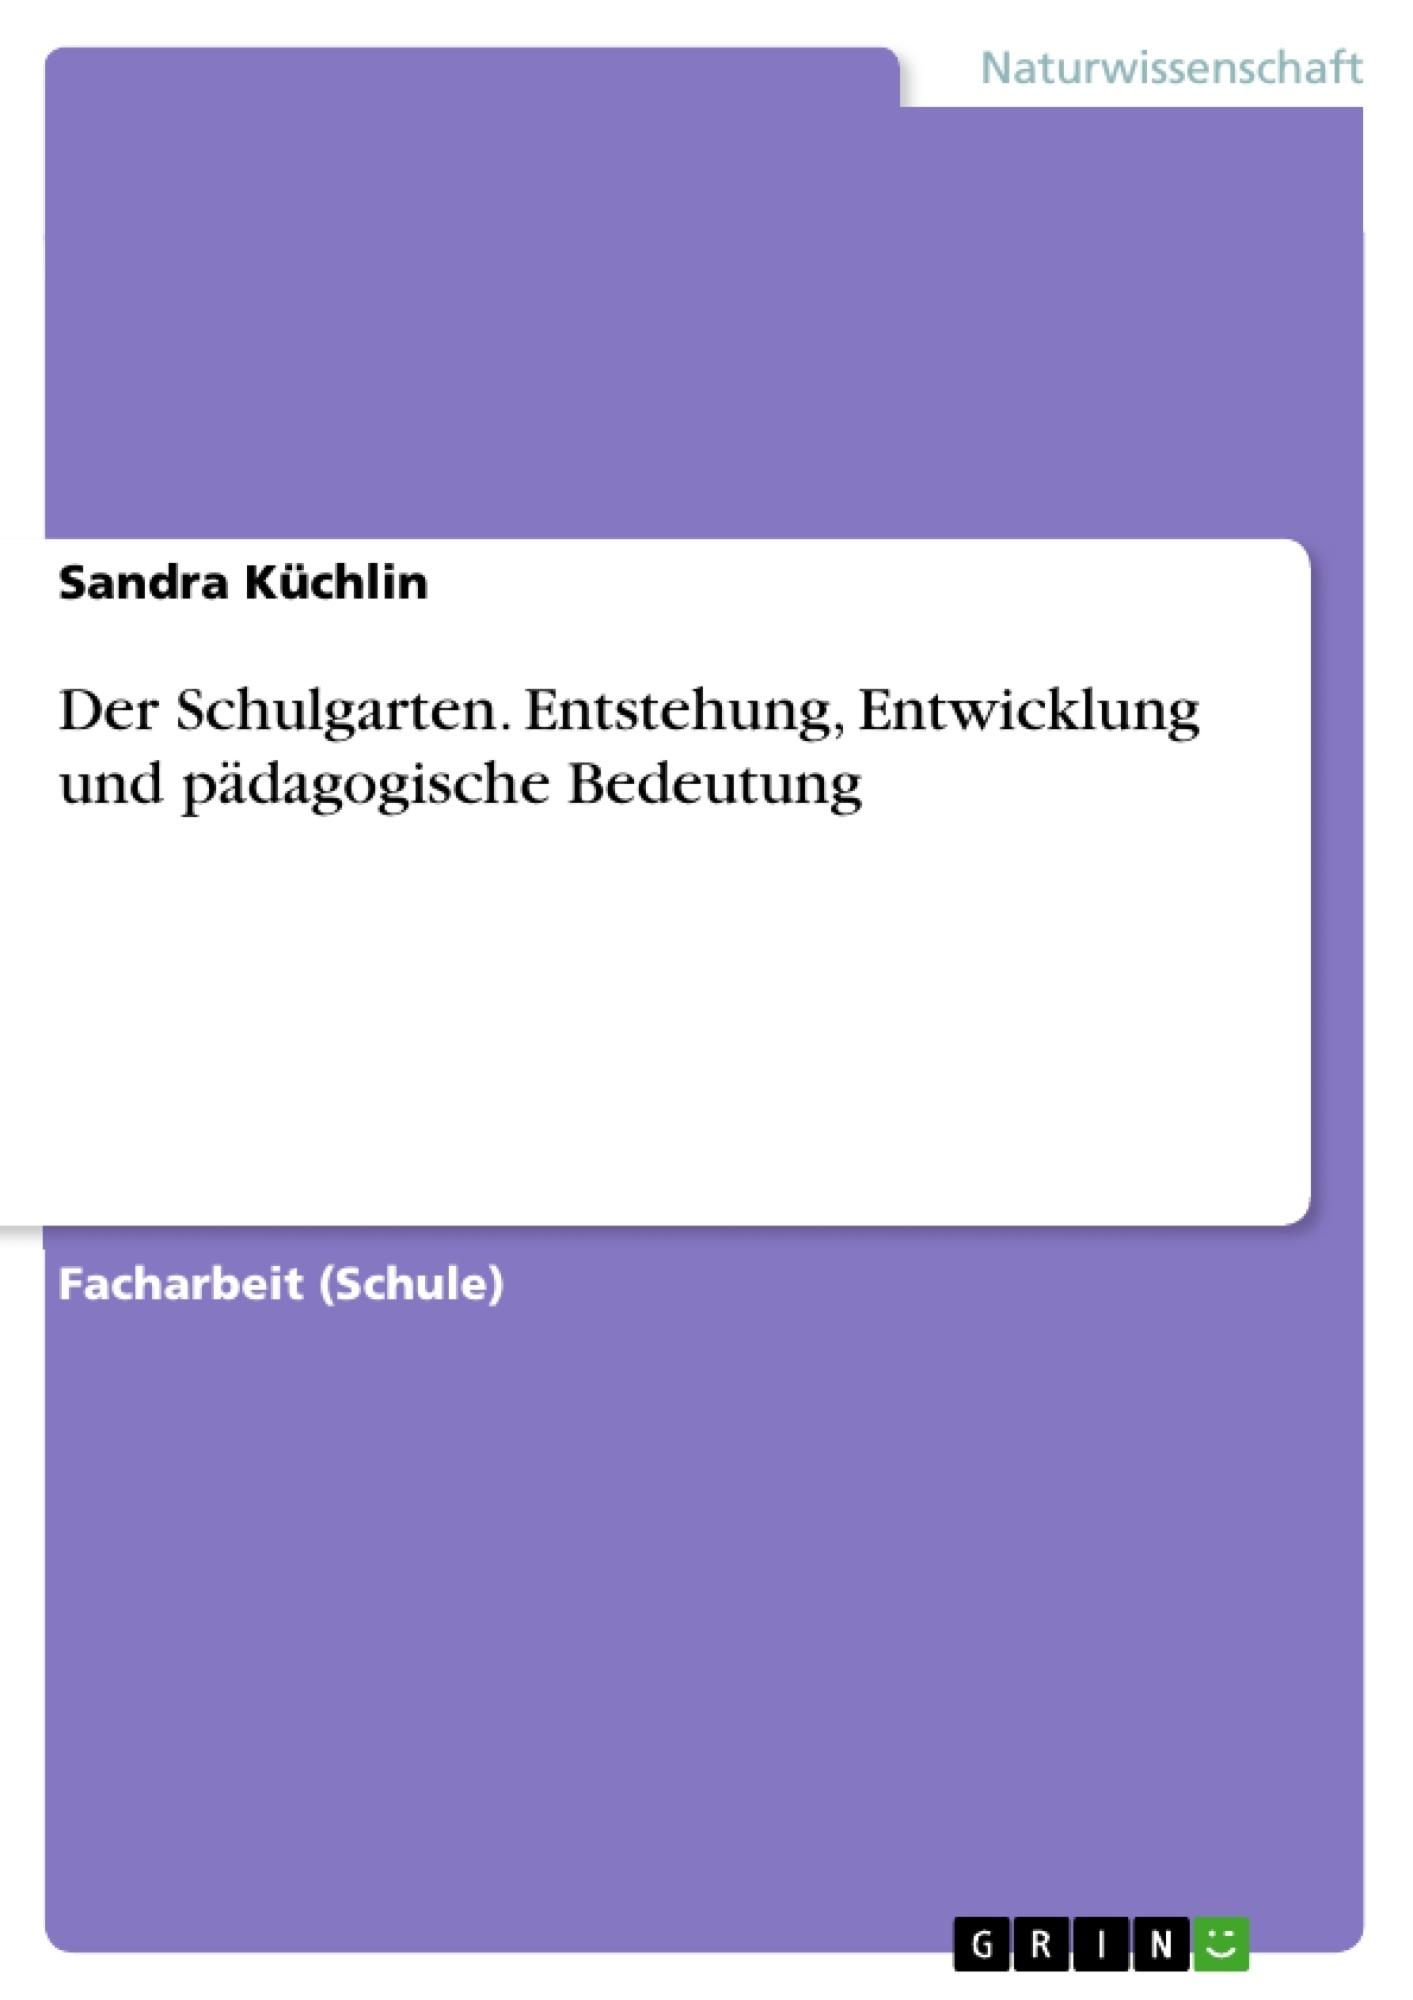 Der Schulgarten. Entstehung, Entwicklung und pädagogische Bedeutung ...